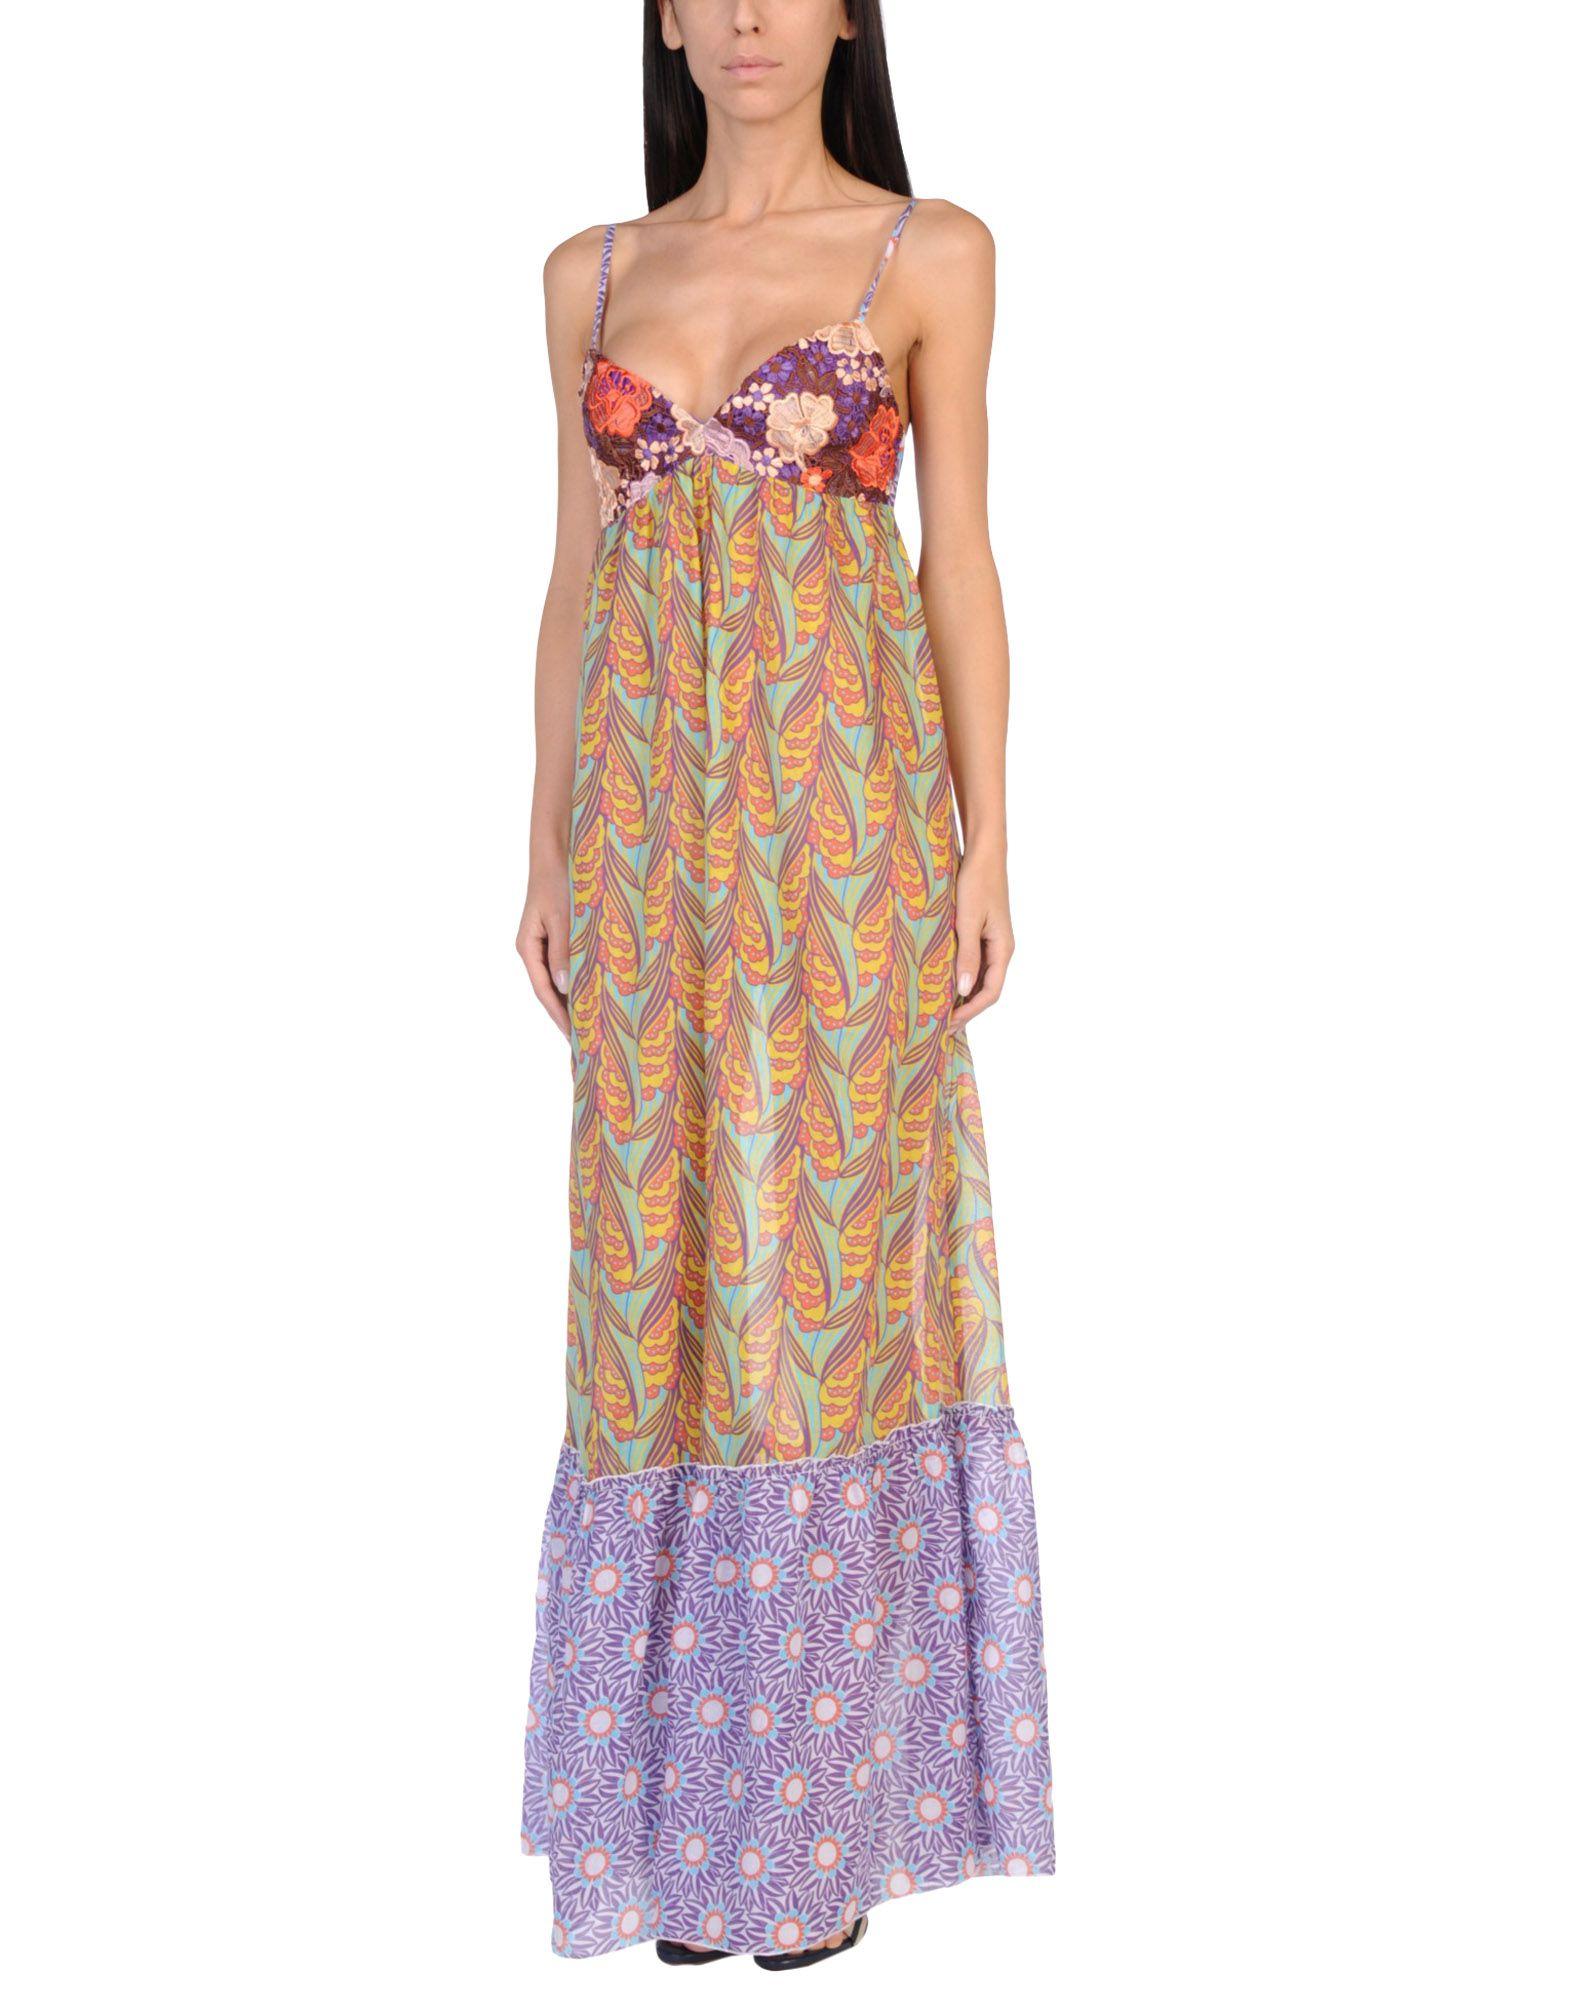 BLUGIRL BLUMARINE BEACHWEAR Пляжное платье blugirl blumarine beachwear слитный купальник